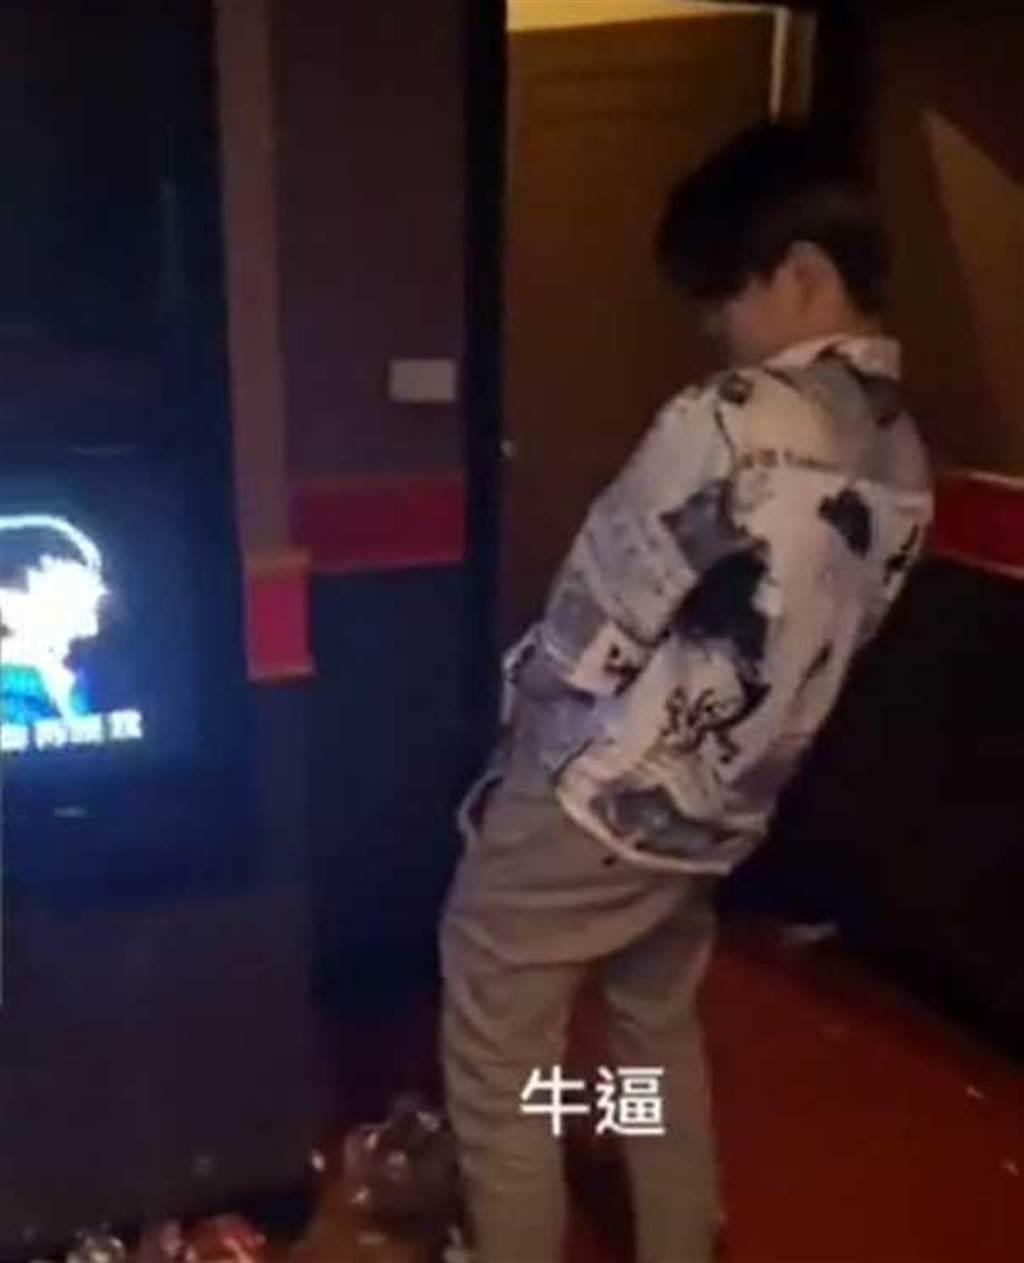 包廂裡明明有廁所,屁孩卻在電視旁的地板上尿尿。(圖/翻攝自Dcard)